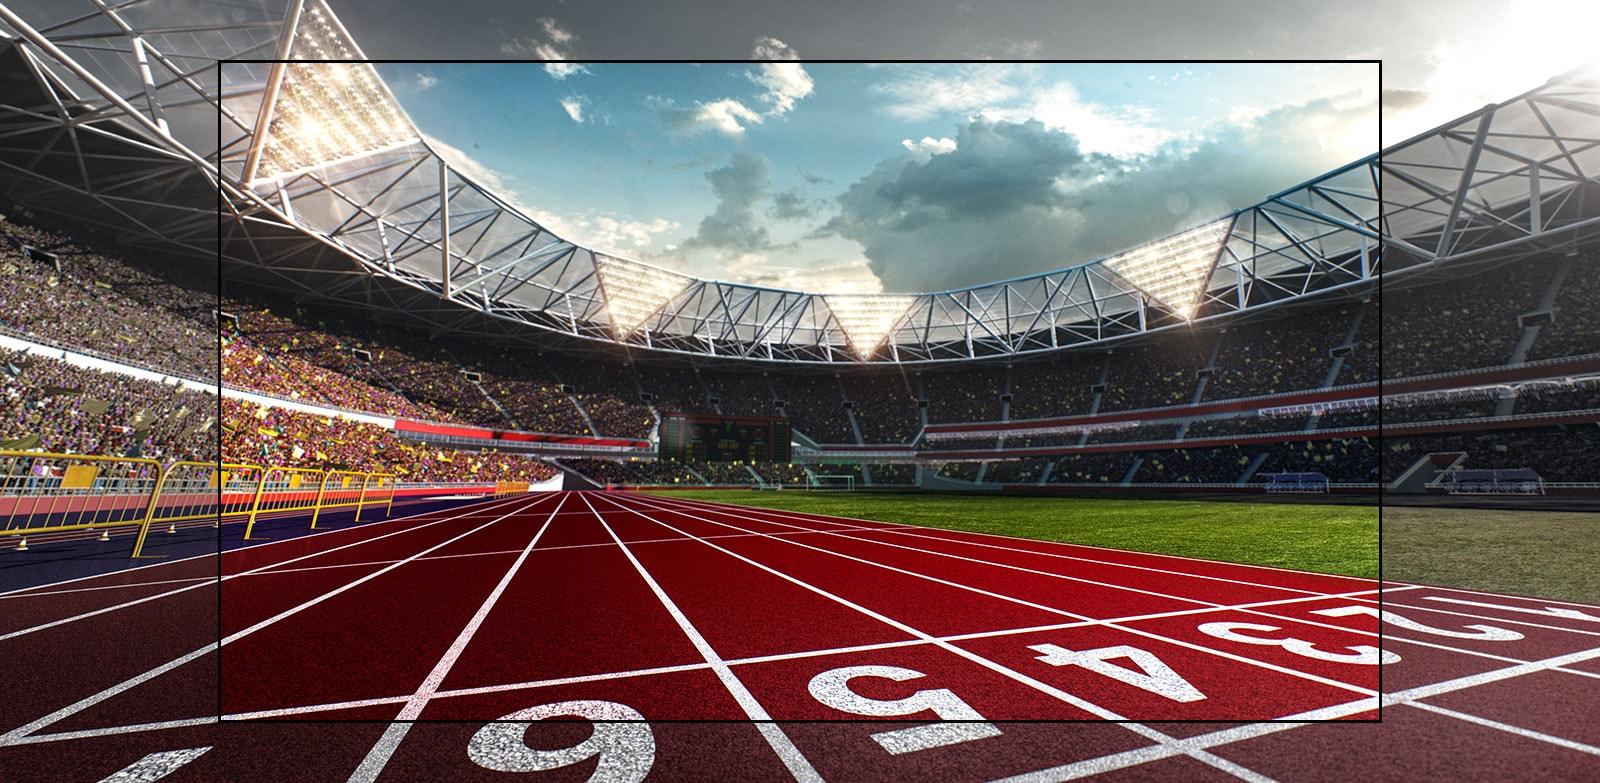 Màn hình TV hiển thị một sân vận động với góc nhìn cận cảnh đường chạy.  Sân vận động có rất nhiều khán giả.